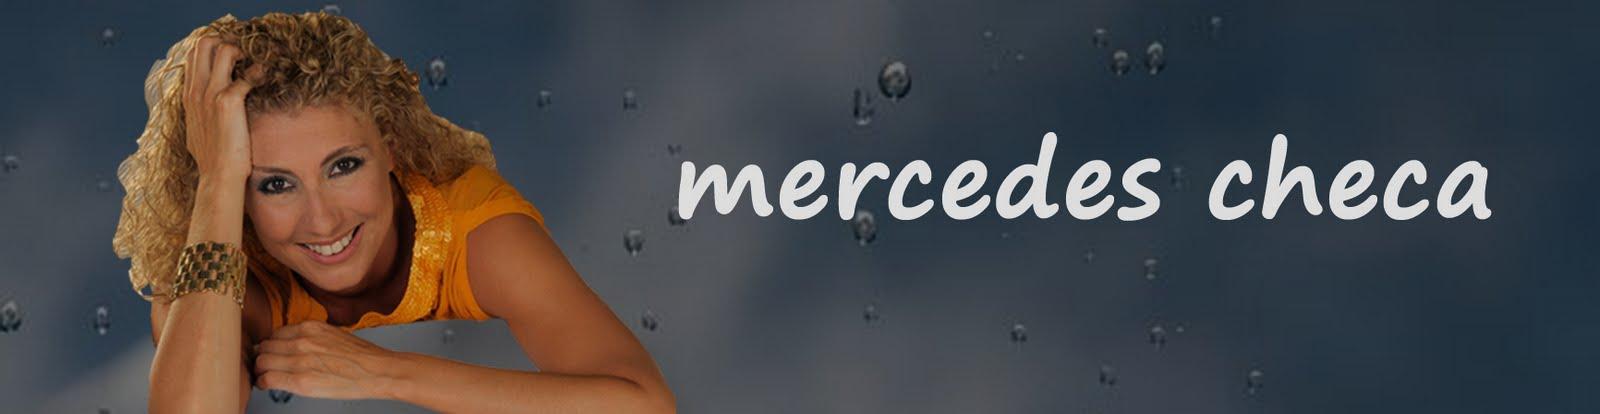 mercedescheca